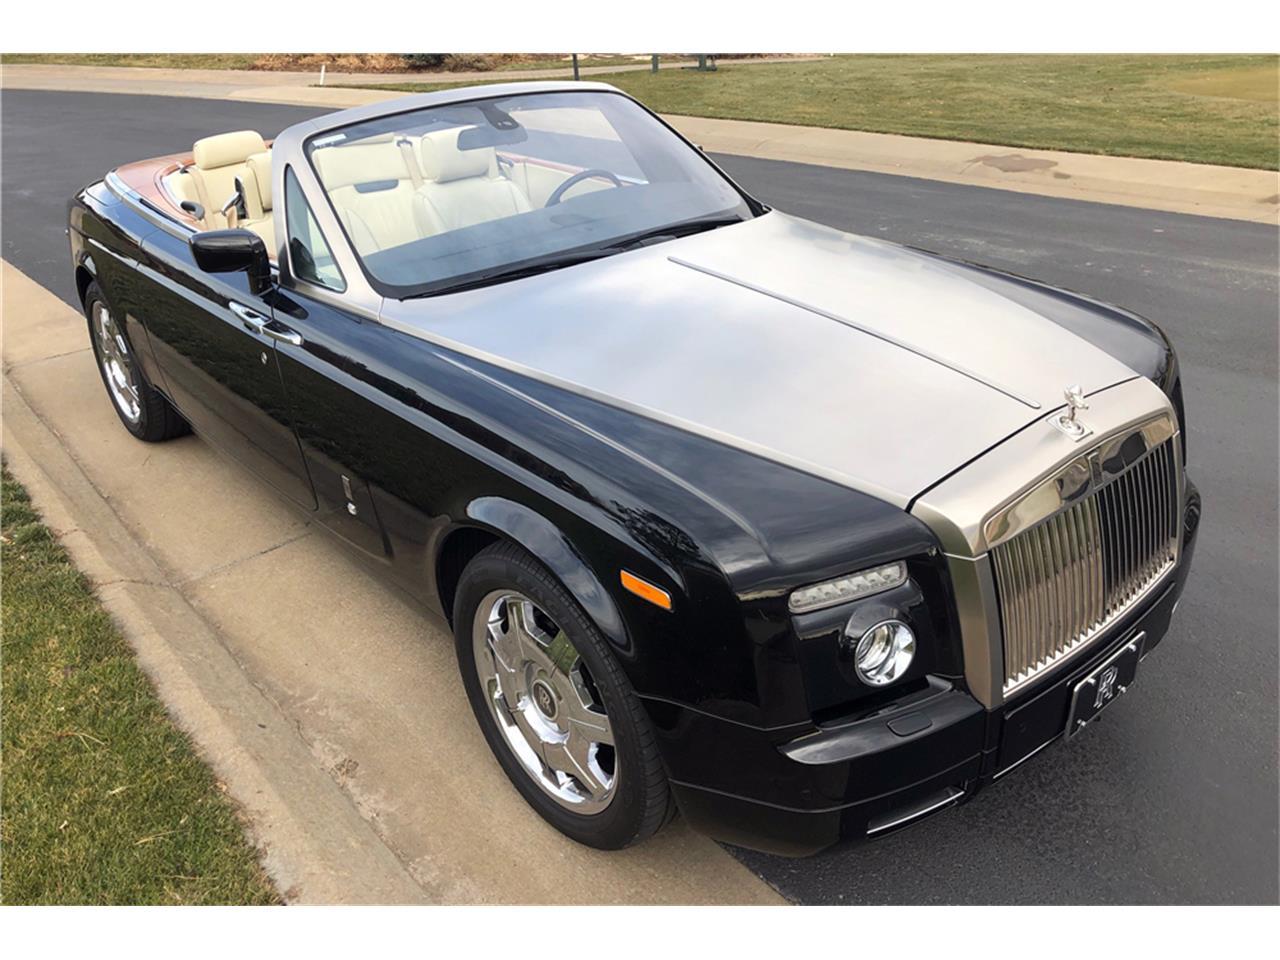 2008 Rolls-Royce Phantom for Sale | ClassicCars.com | CC ...